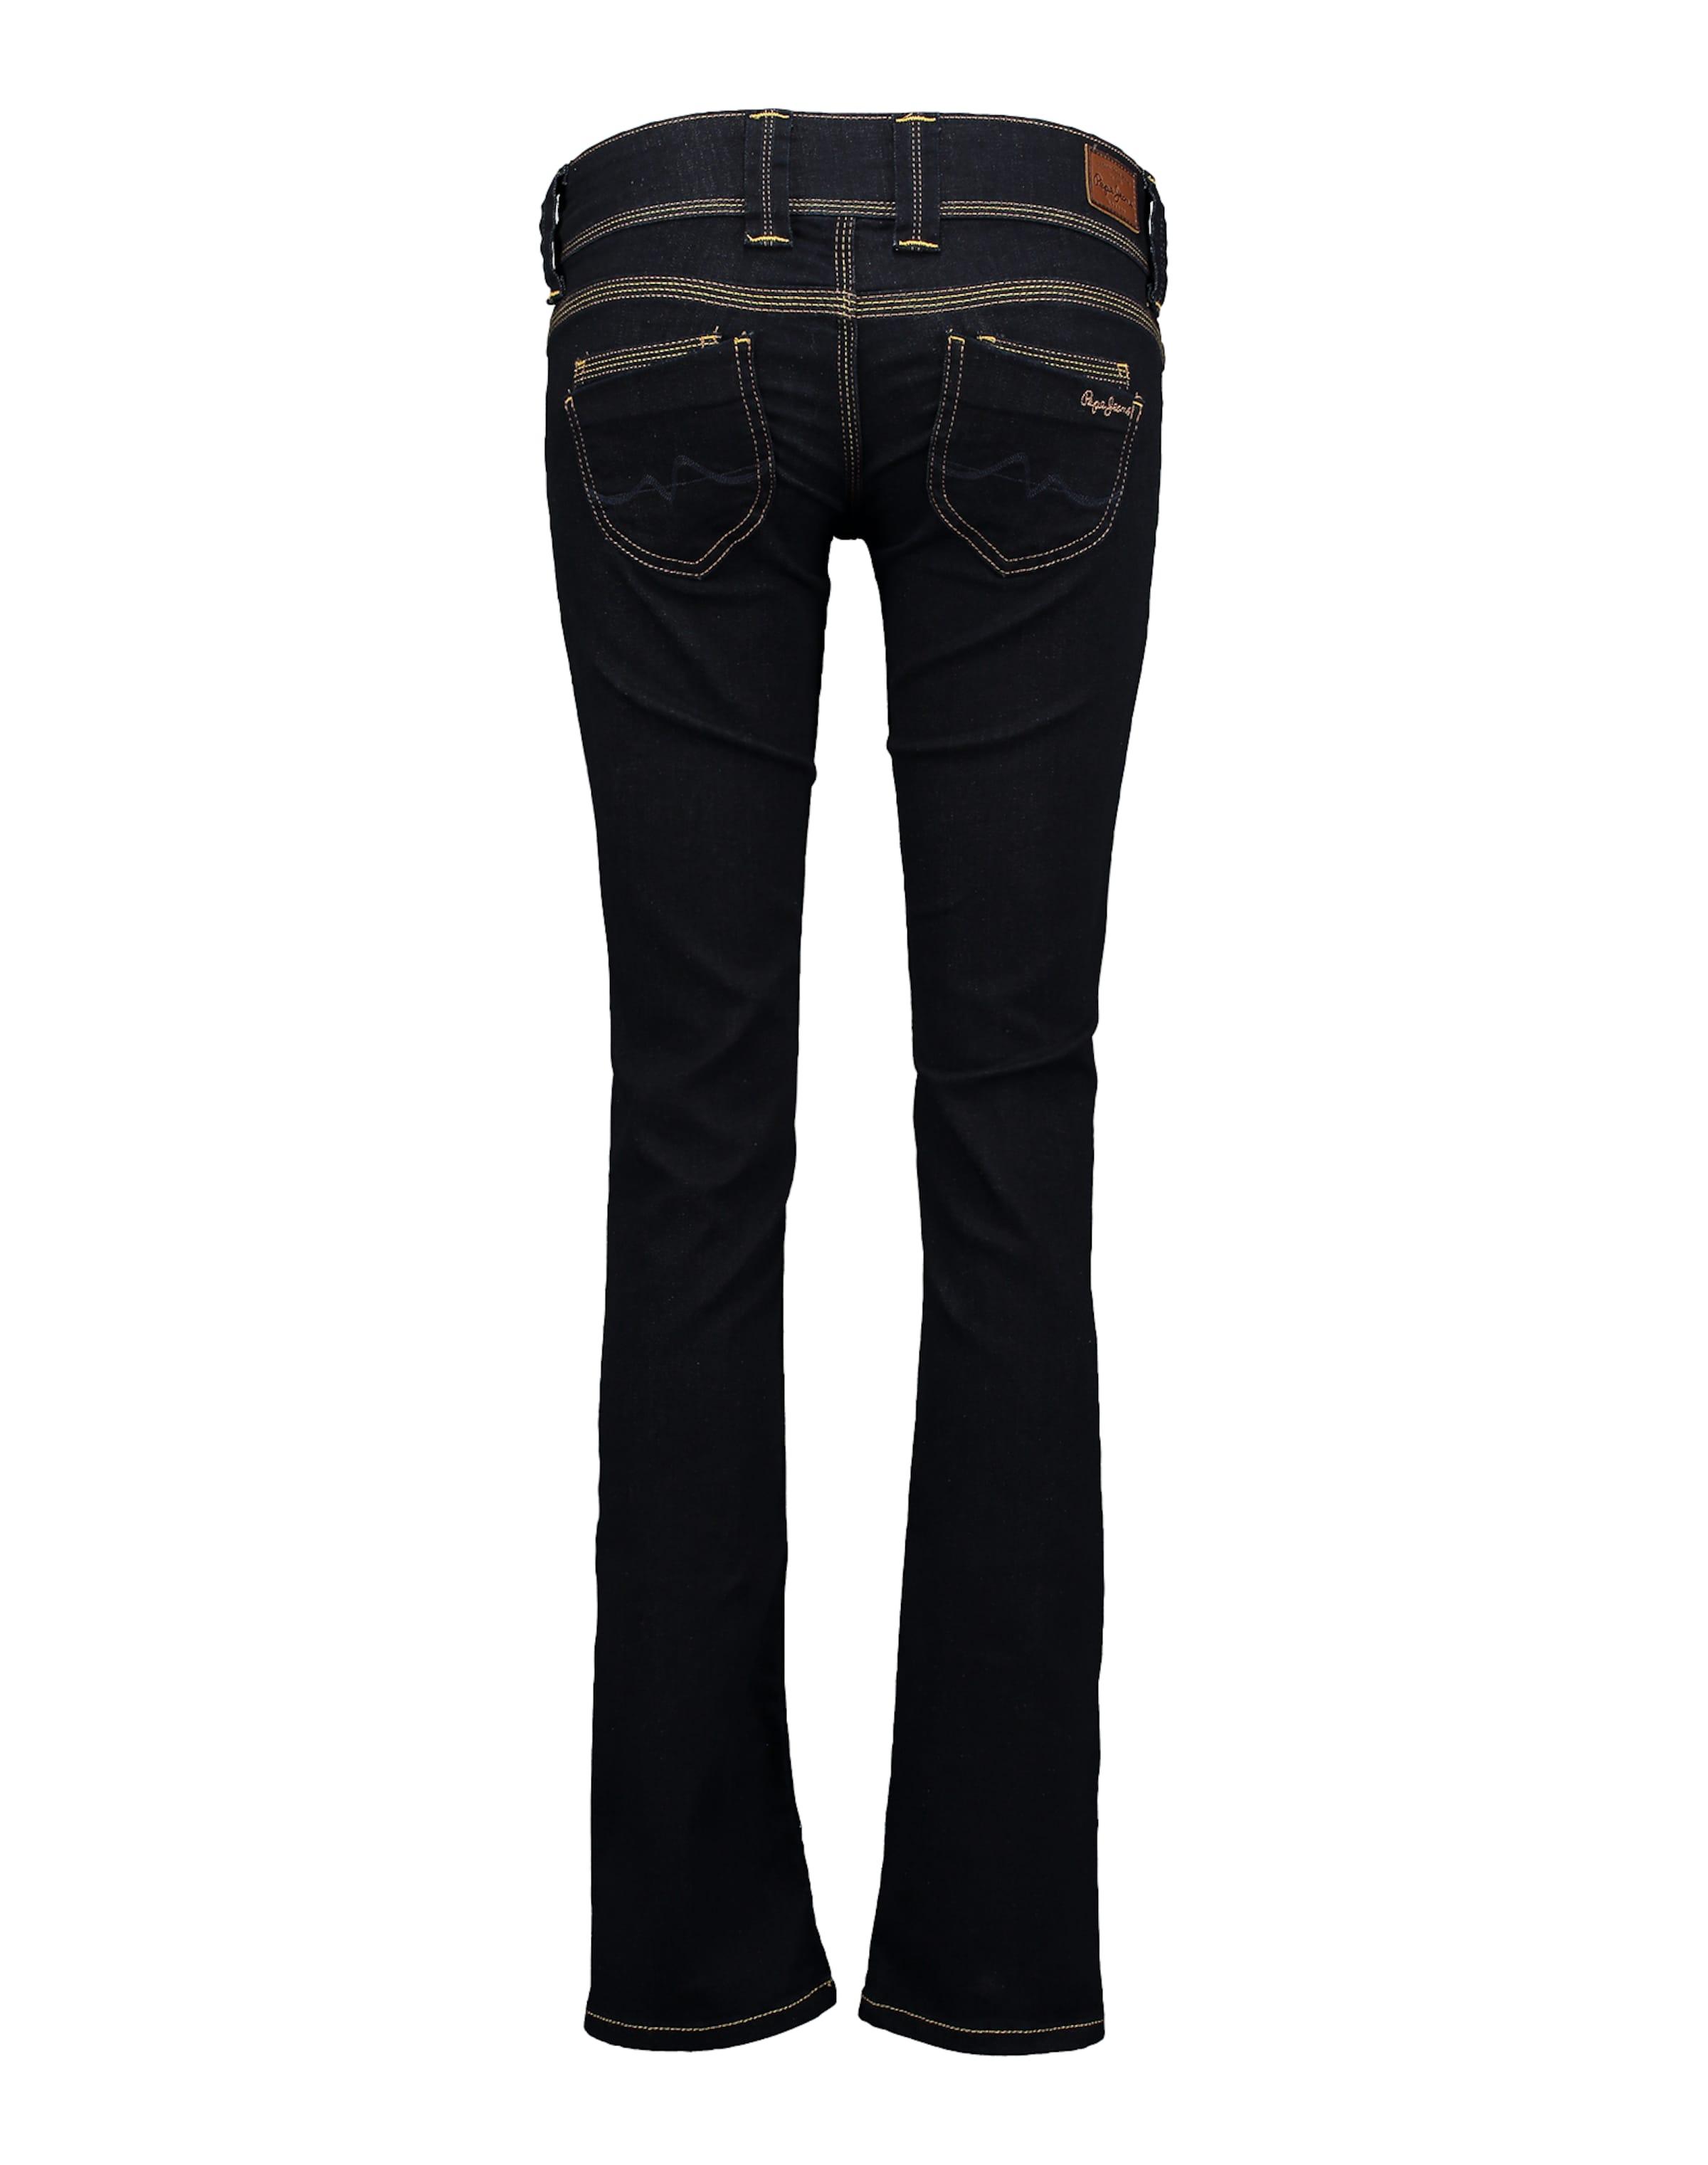 Bleu 'venus' Jean Pepe Jeans En 8PwkXn0O